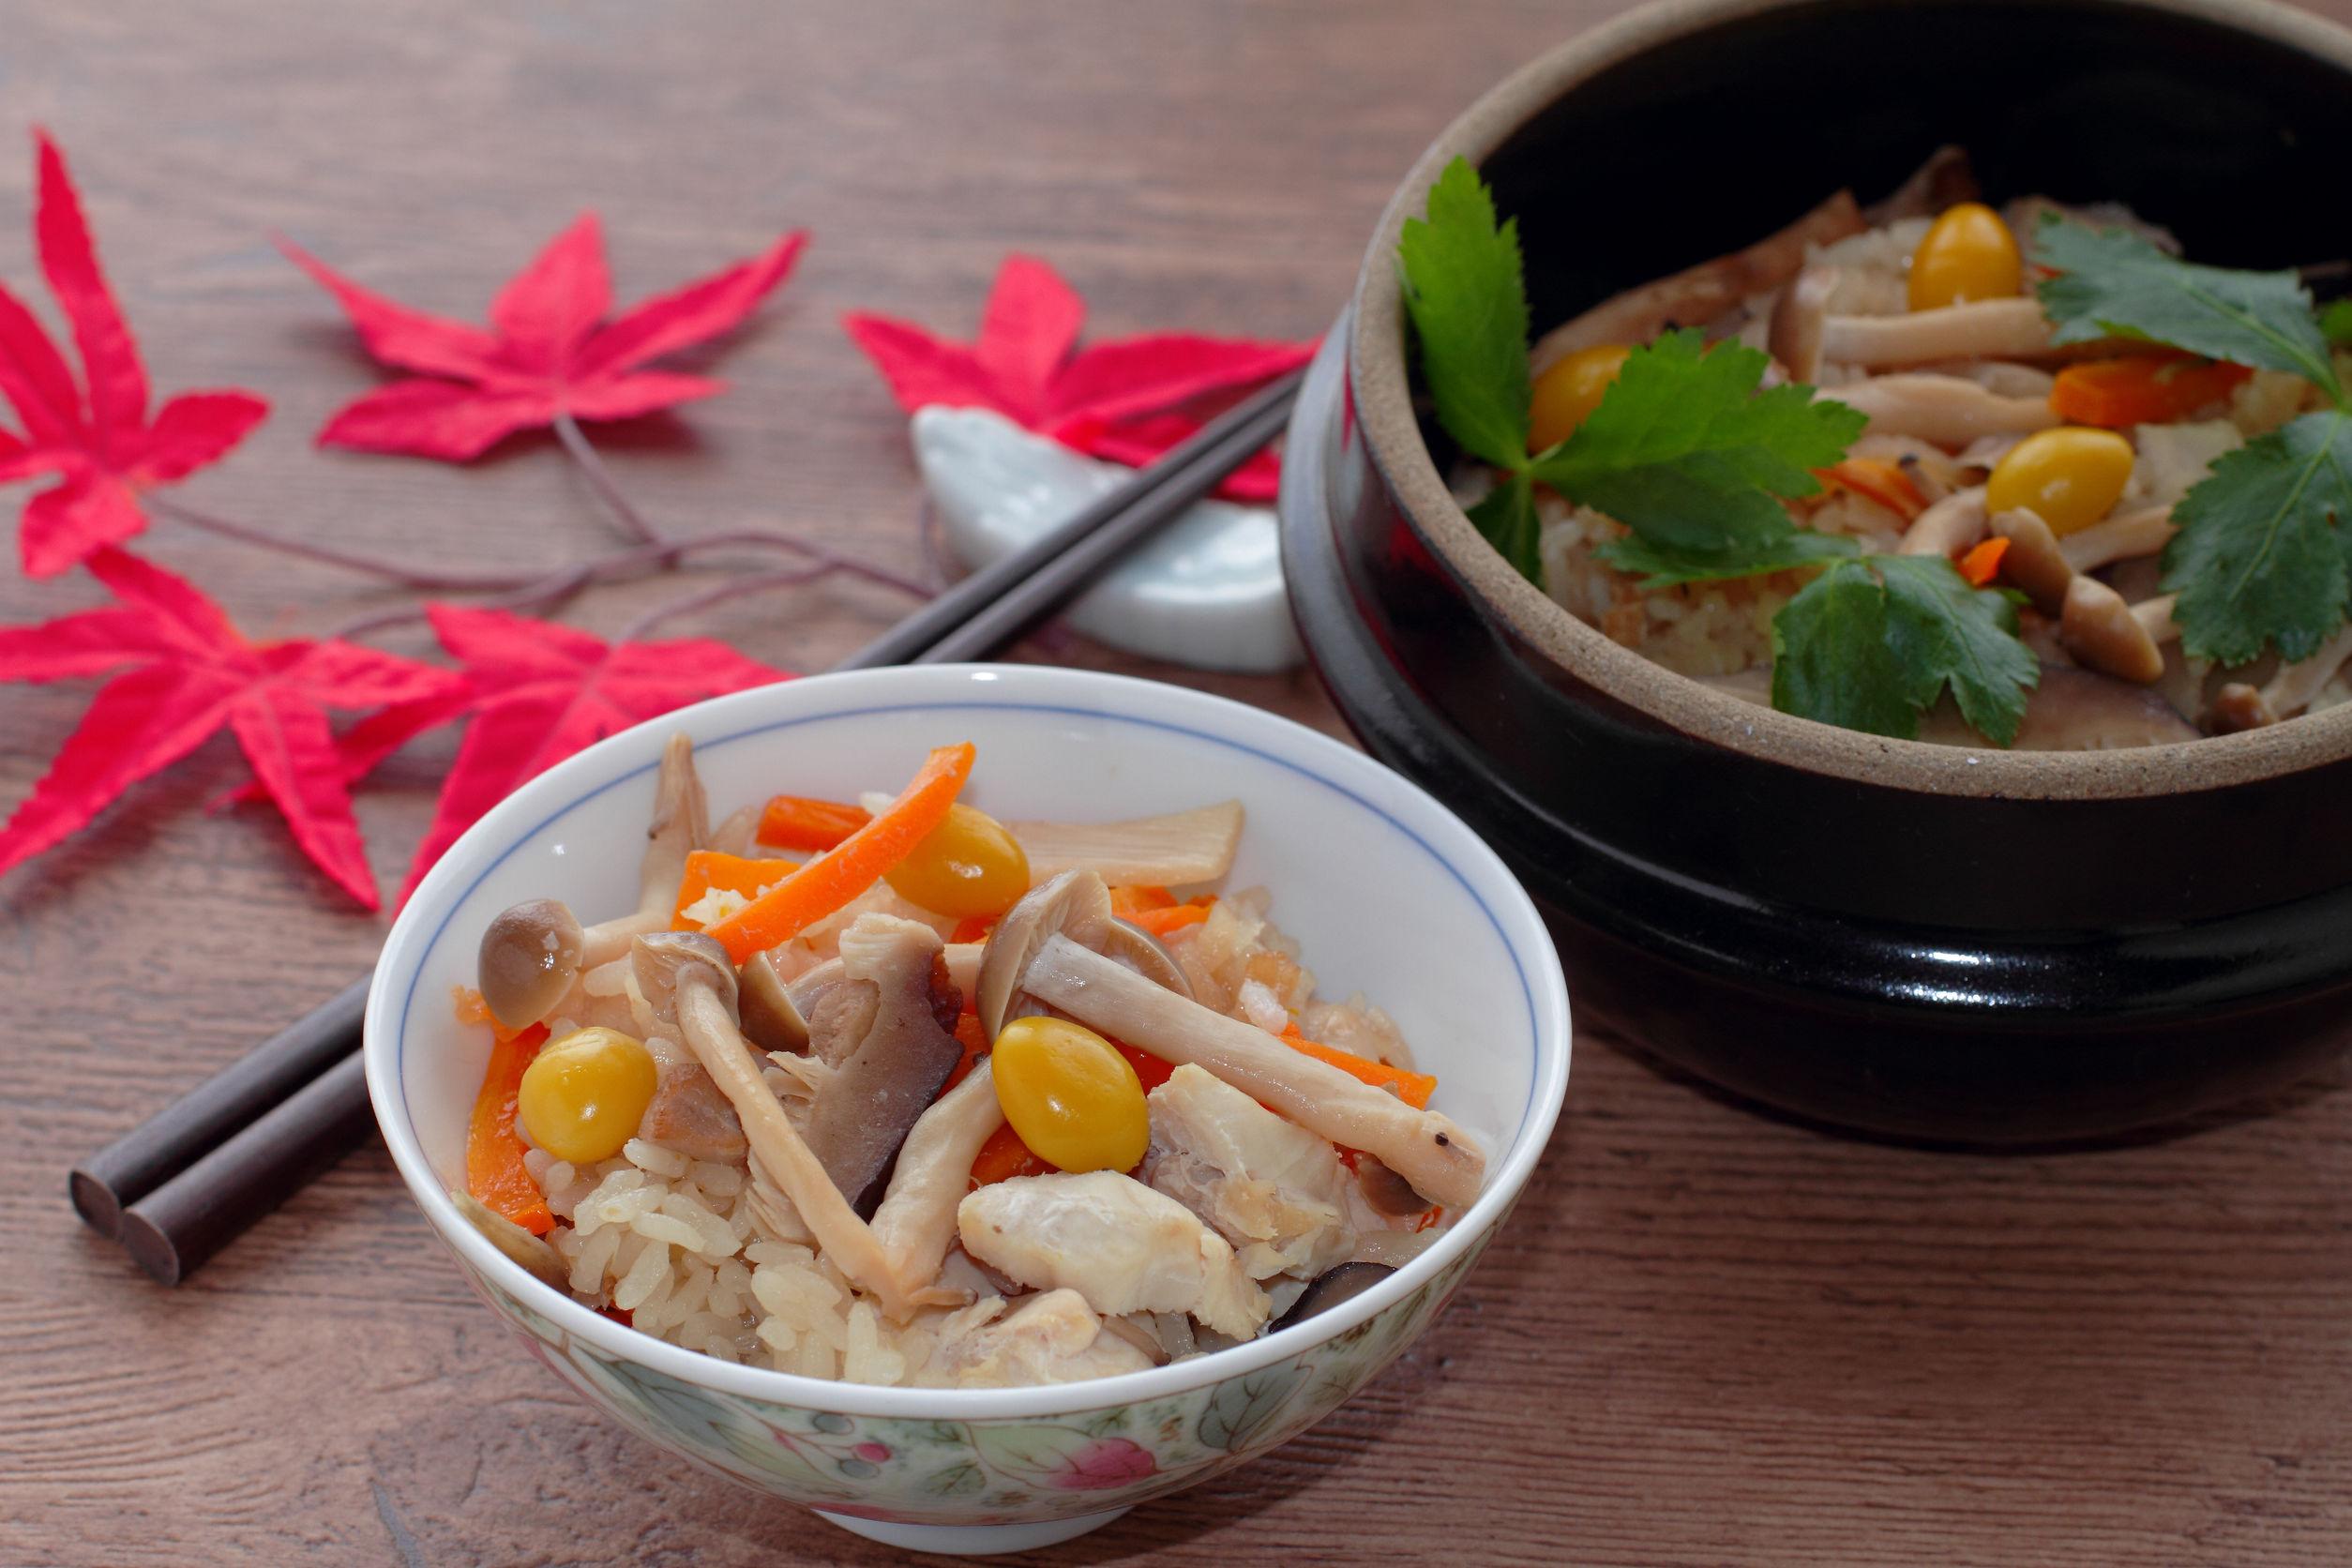 31398934 - japanese cuisine, takikomi gohan chicken and mushroom rice